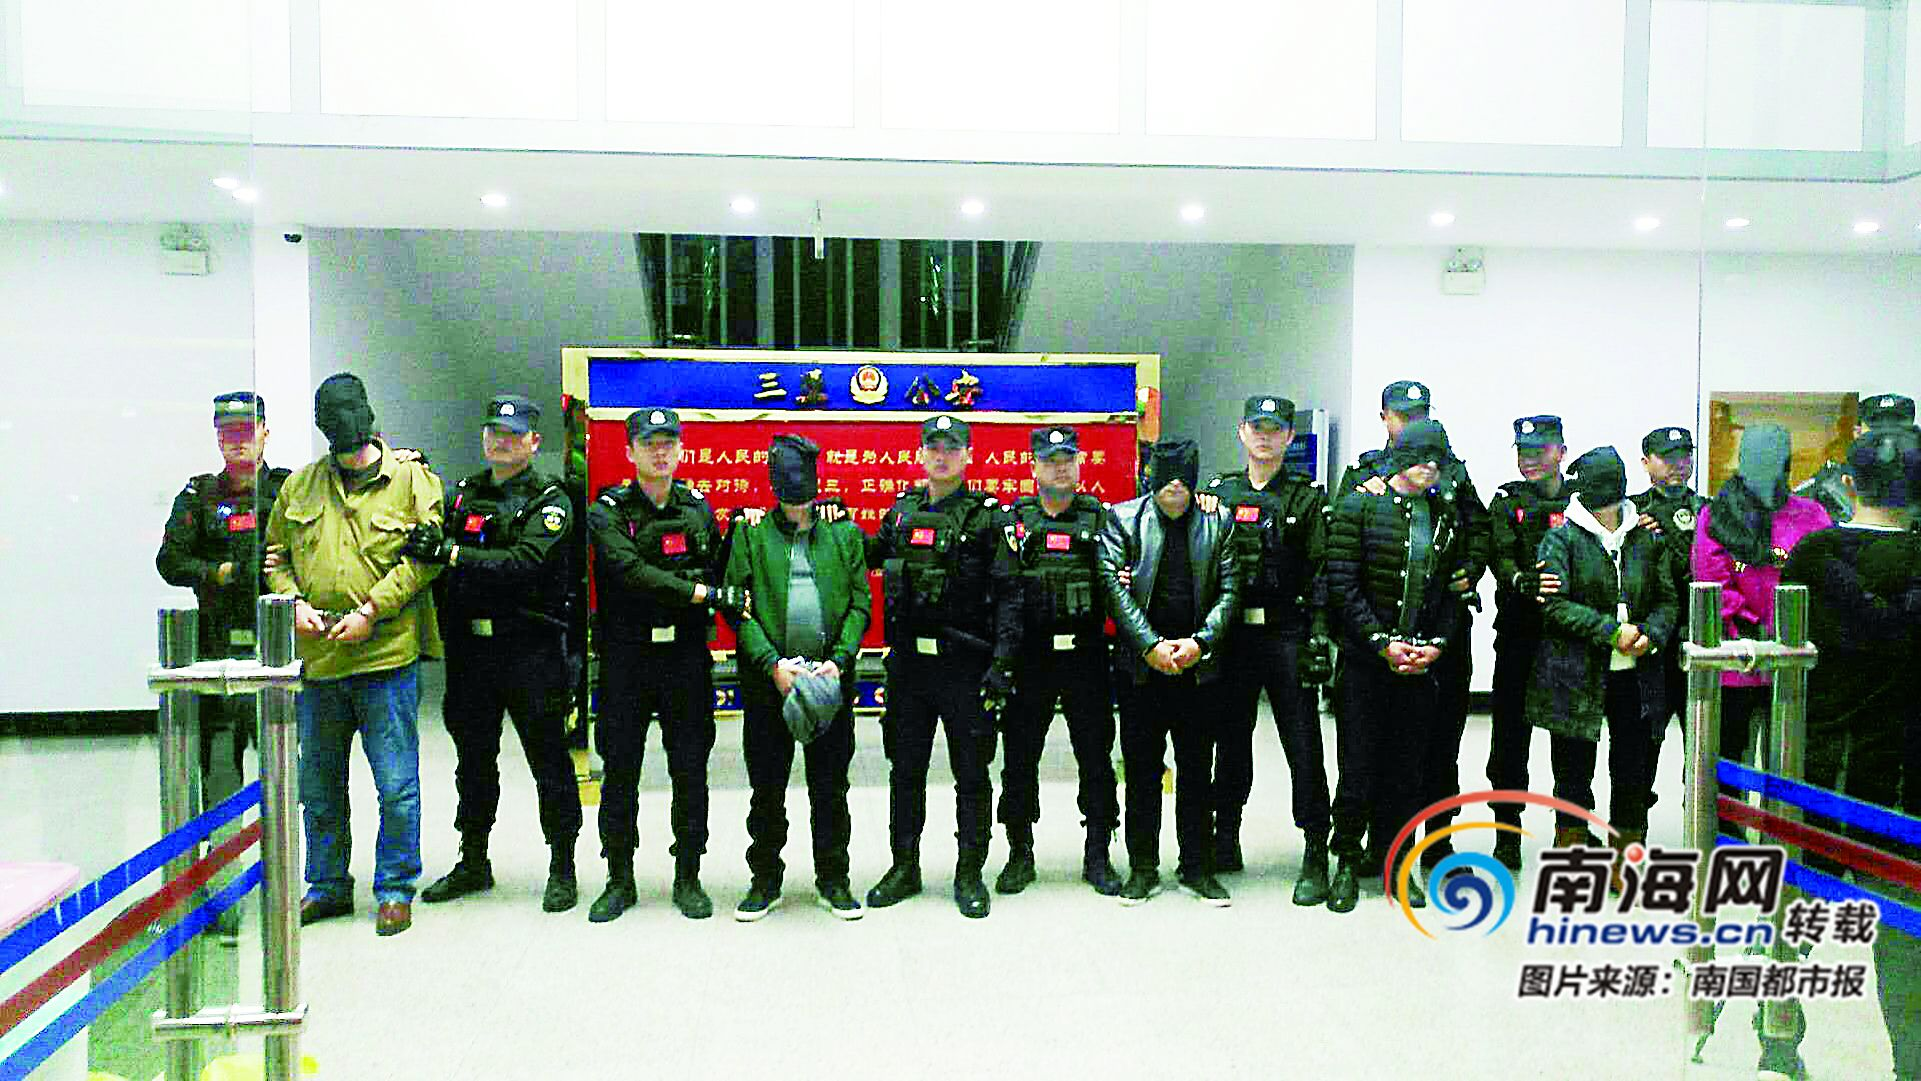 三亚警方侦破跨国毒品案 抓获37人缴获毒品17公斤